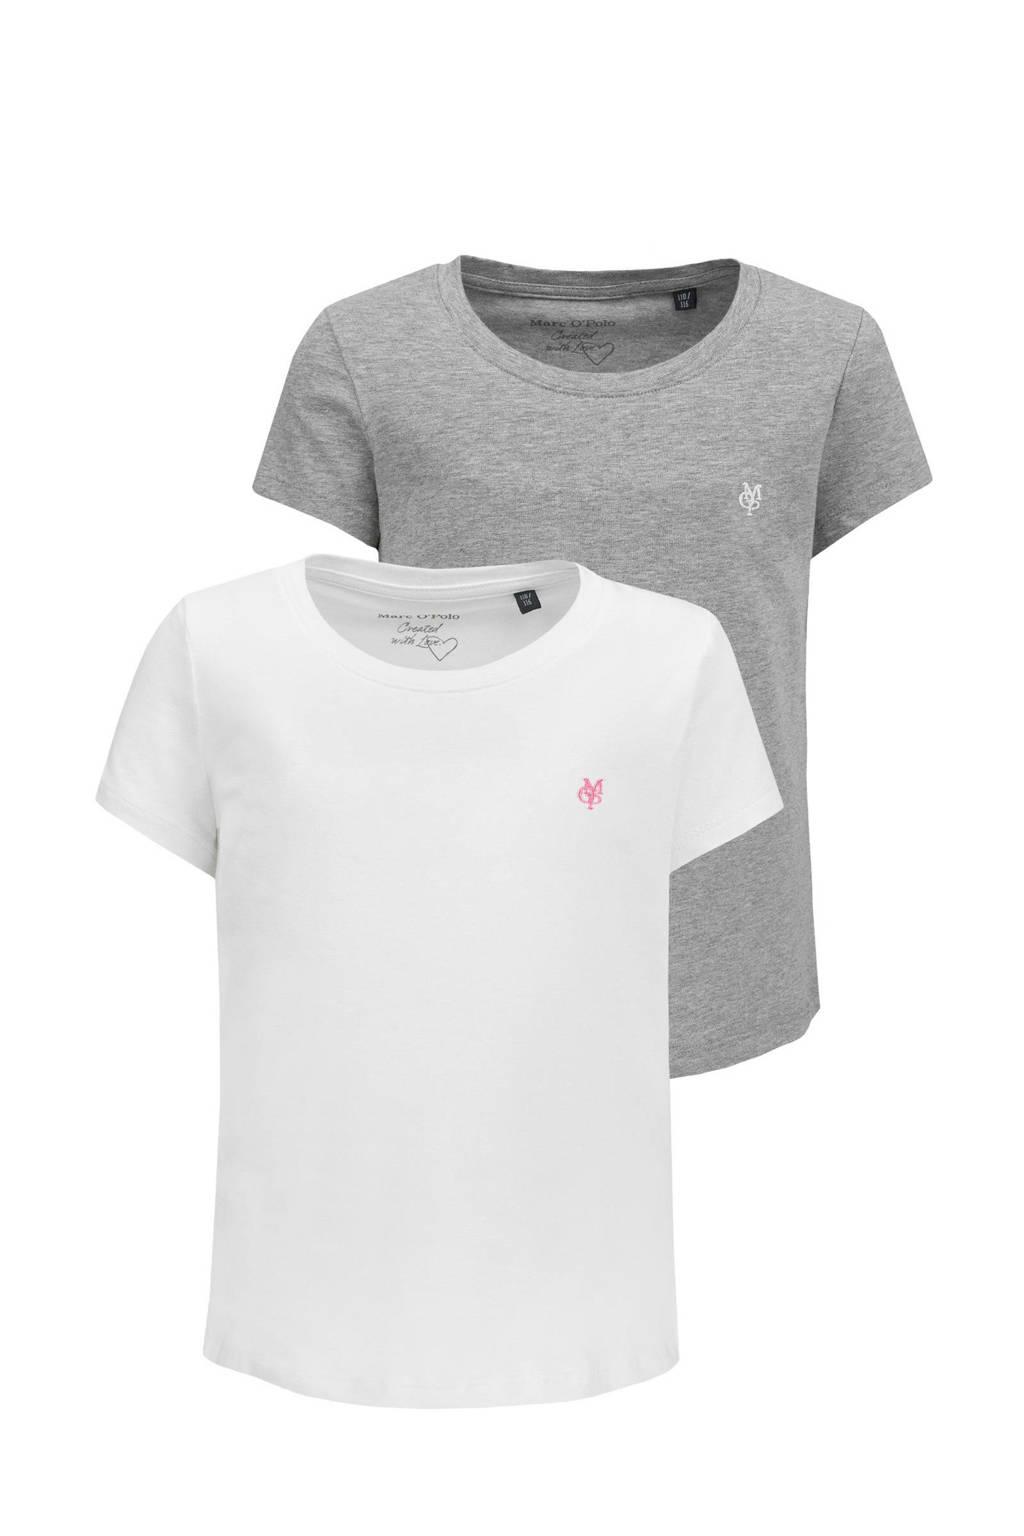 Marc O'Polo T-shirt - set van 2 grijs/wit, Grijs/wit